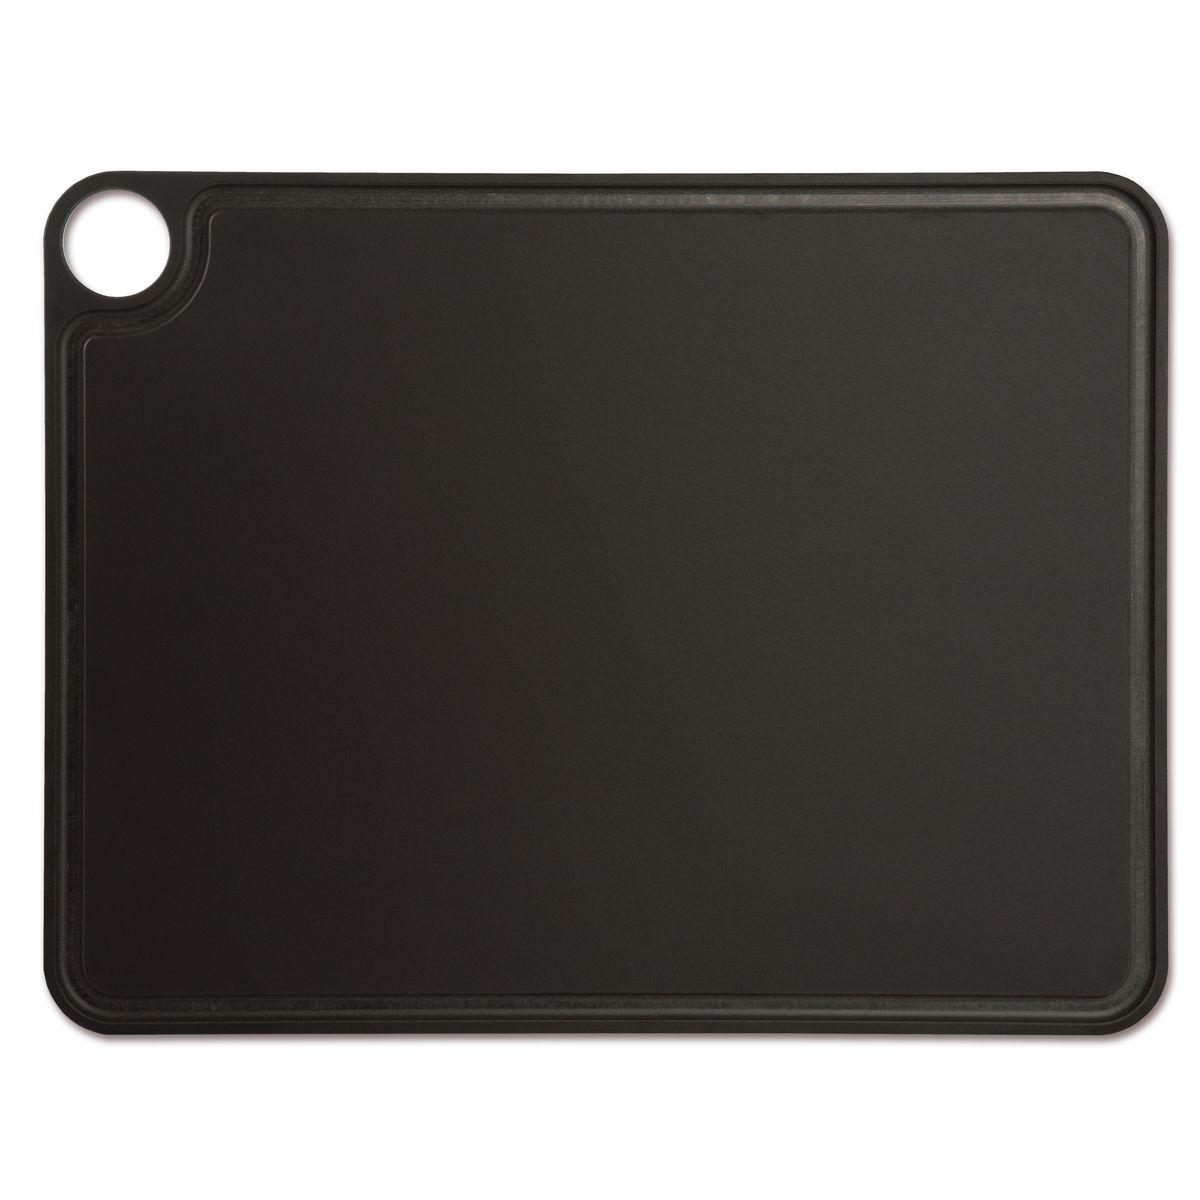 Planche à découper noire en papier compressé avec rigole  42.7 x 32.7 cm - Arcos